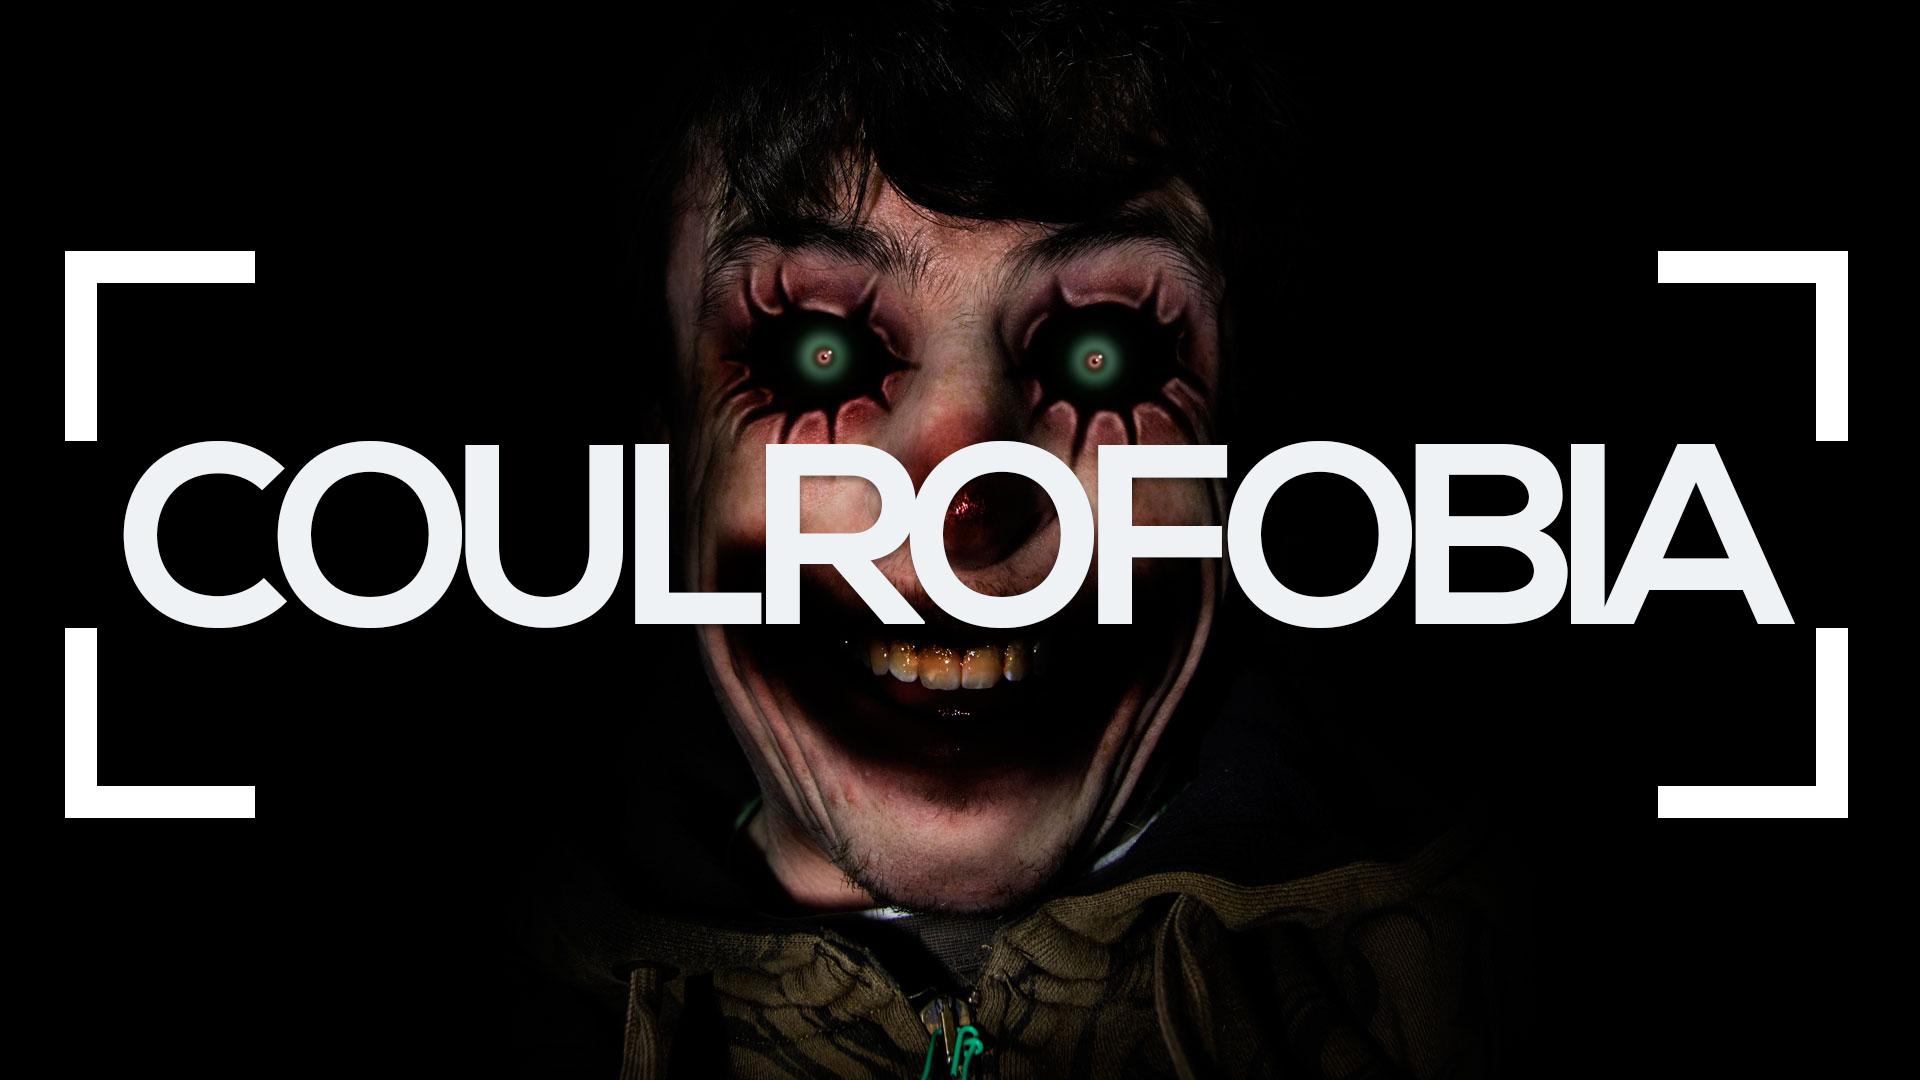 Se muestra un payaso sonriendo en la oscuridad y la palabra coulrofobia